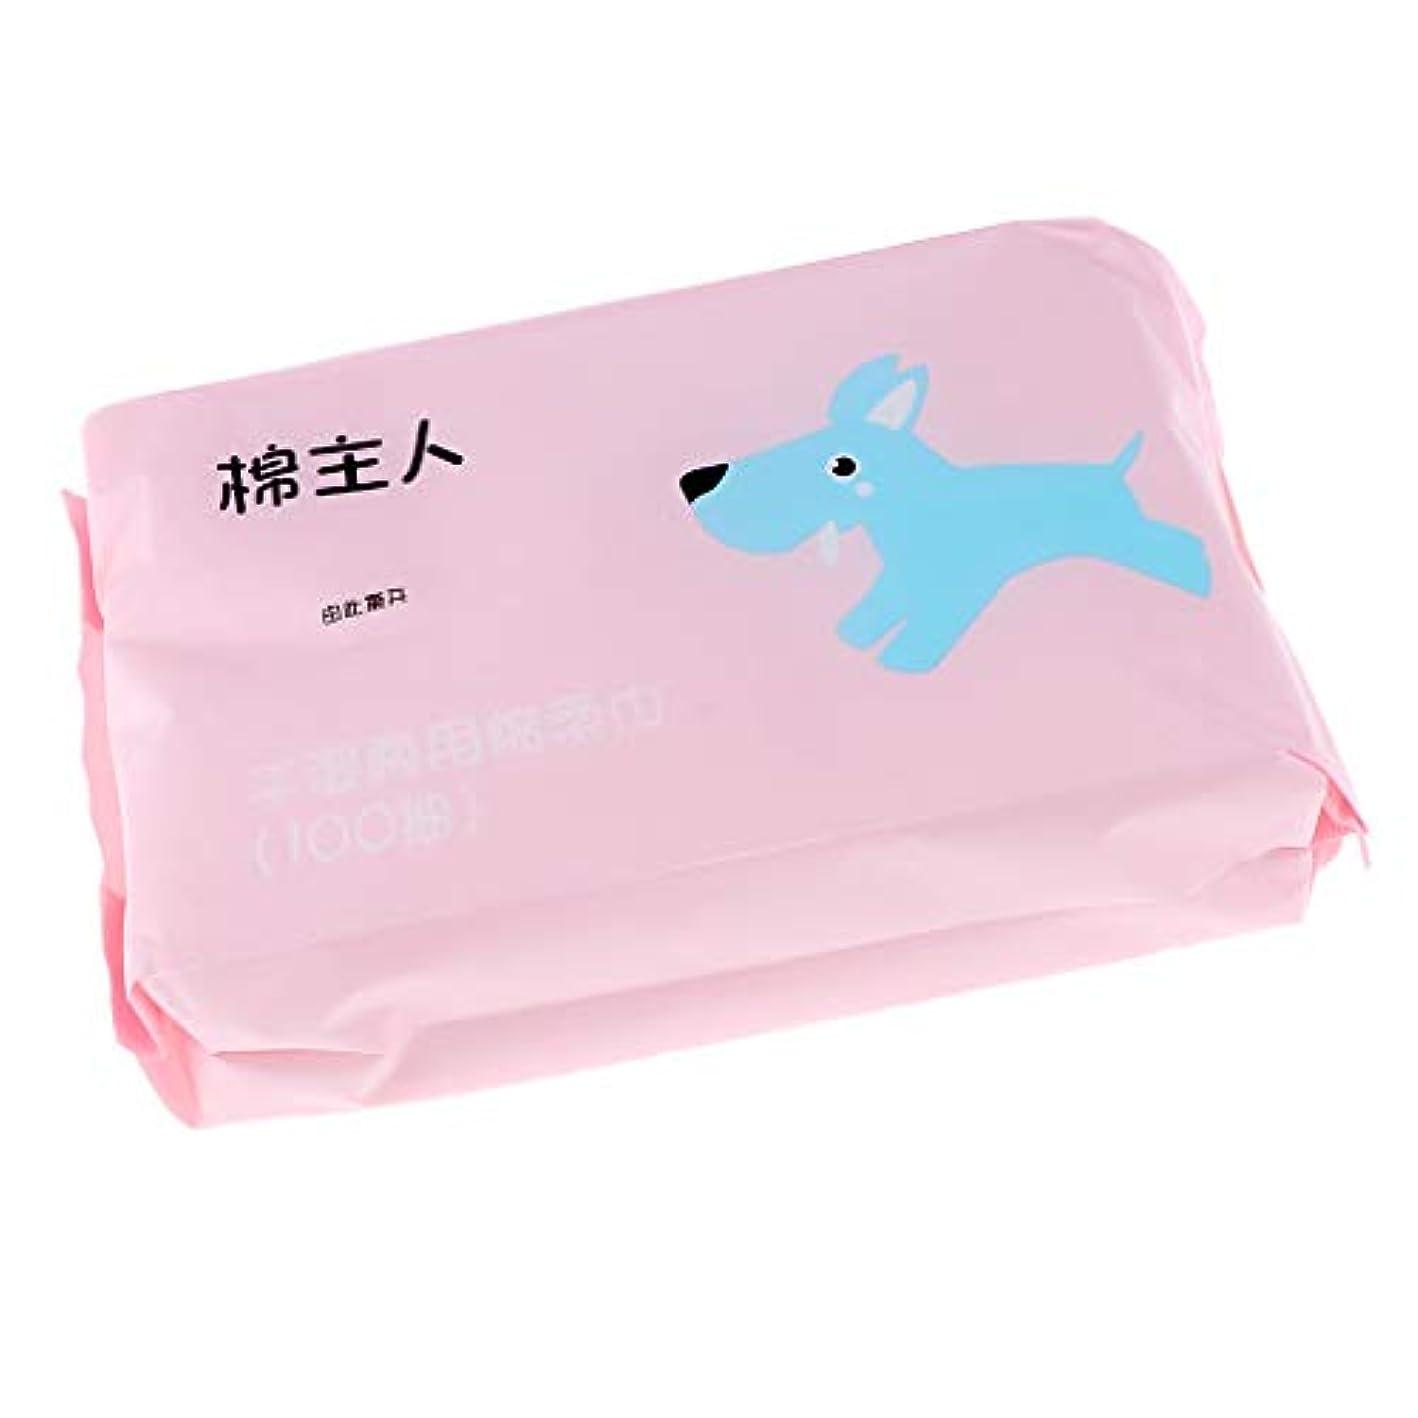 援助する拒否仲間T TOOYFUL 約100枚 使い捨 クレンジングシート クリーニング フェイス タオル ソフト 敏感肌適用 全2色 - ピンク